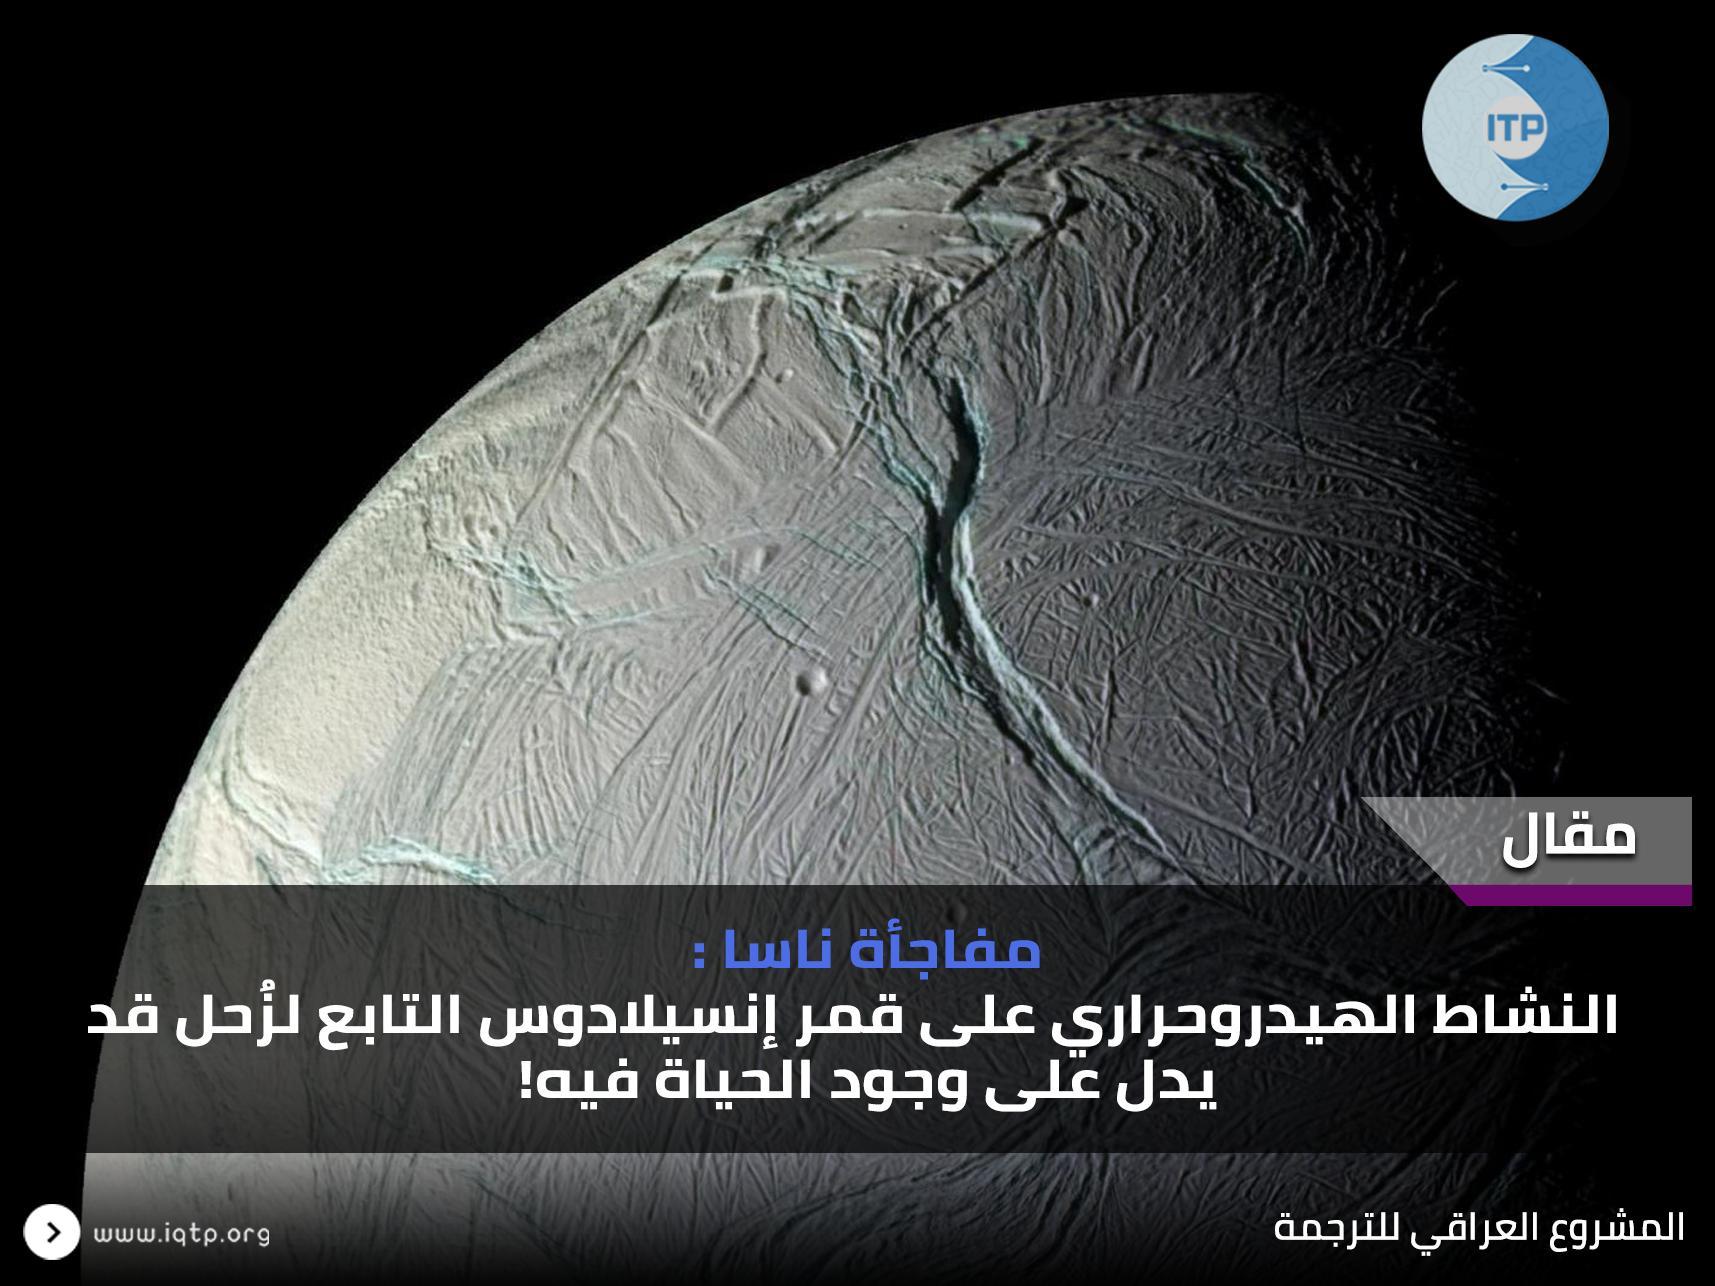 مفاجأة ناسا: النشاط الهيدروحراري على قمر إنسيلادوس التابع لزُحل قد يدل على وجود الحياة فيه!